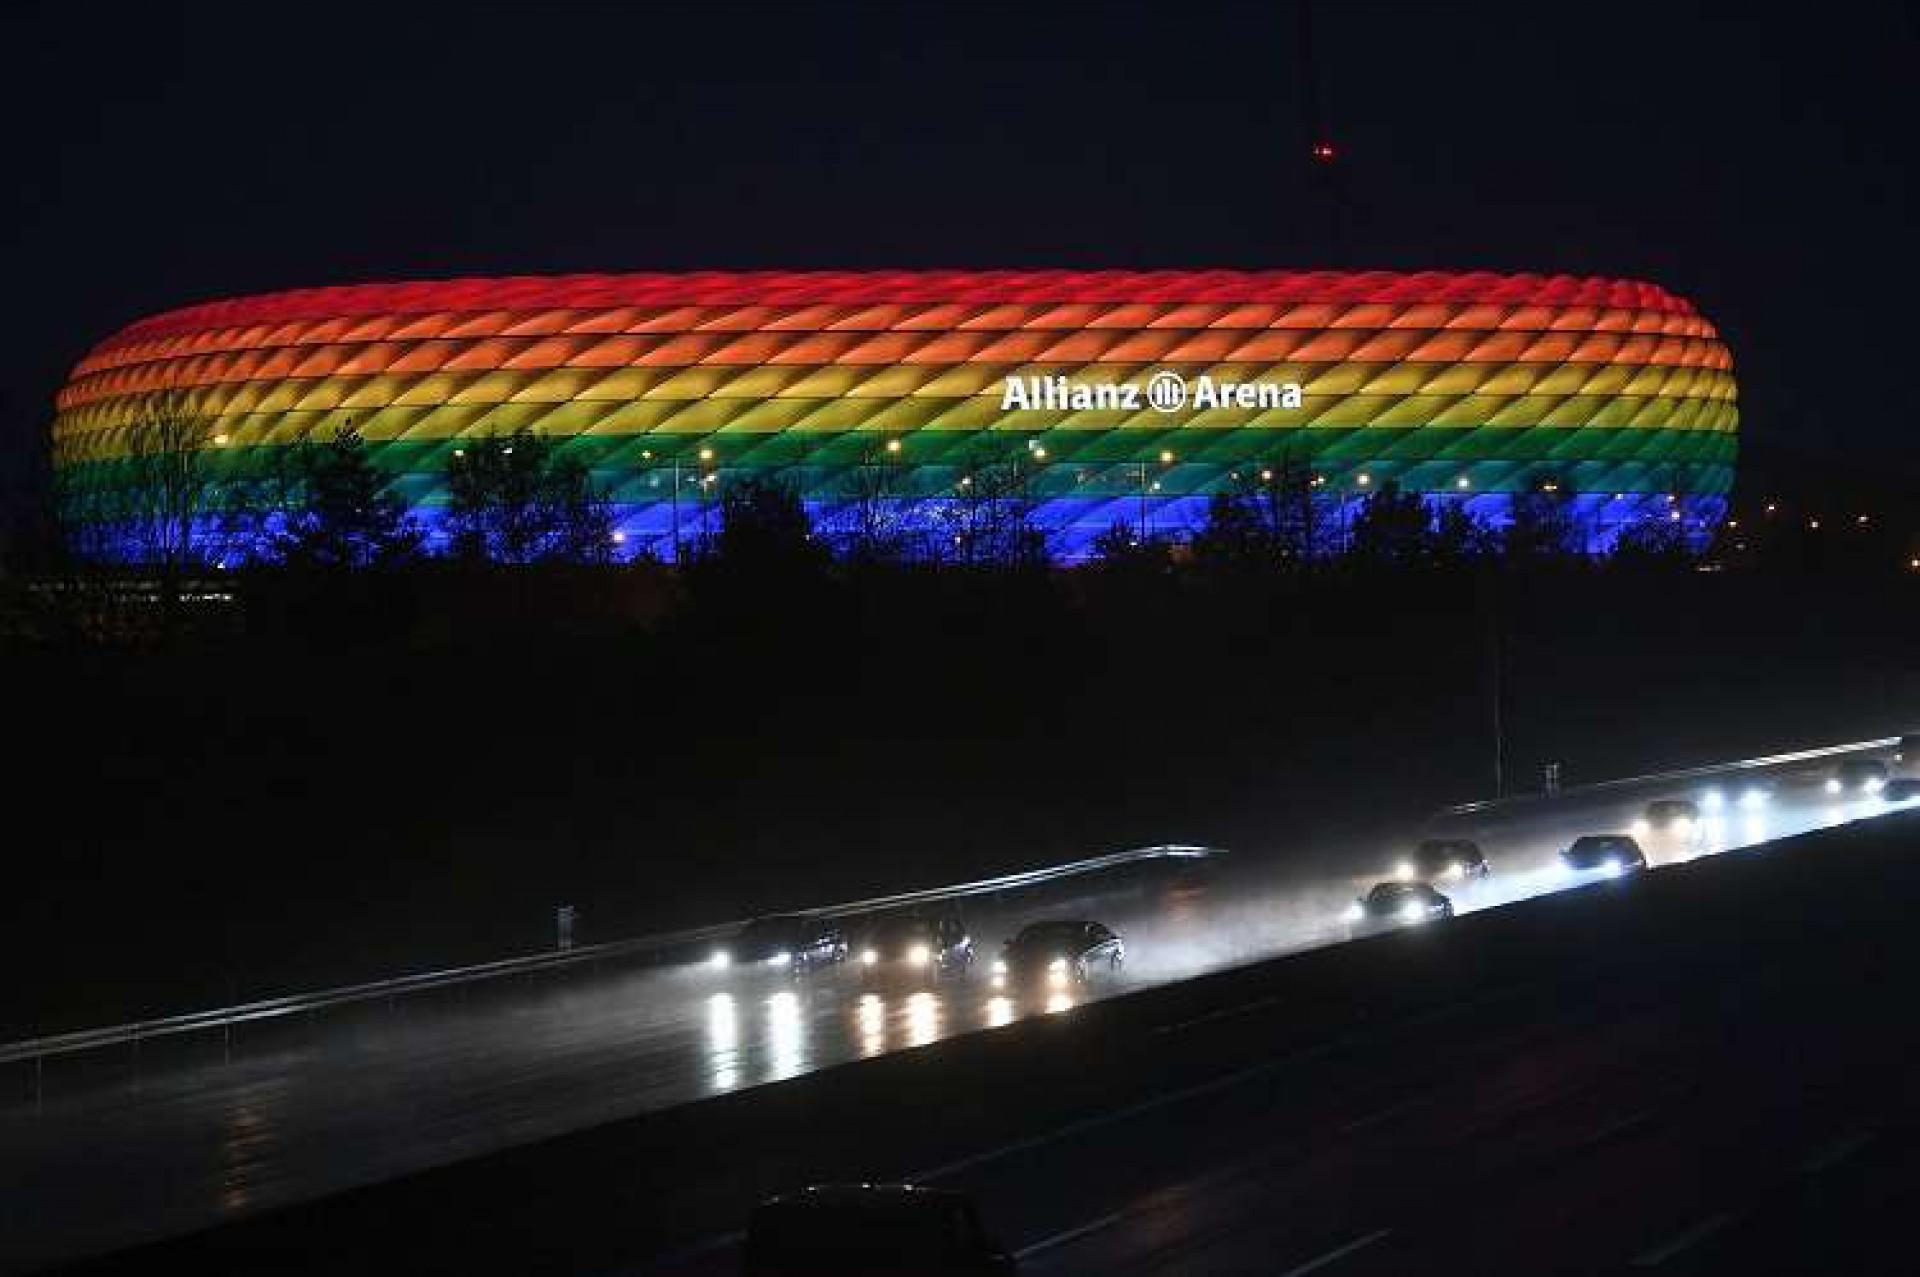 Uefa rejeita iluminação com as cores do arco-íris em estádio de Munique para Alemanha x Hungria (Foto: Andreas Gebert / Pool / AFP)